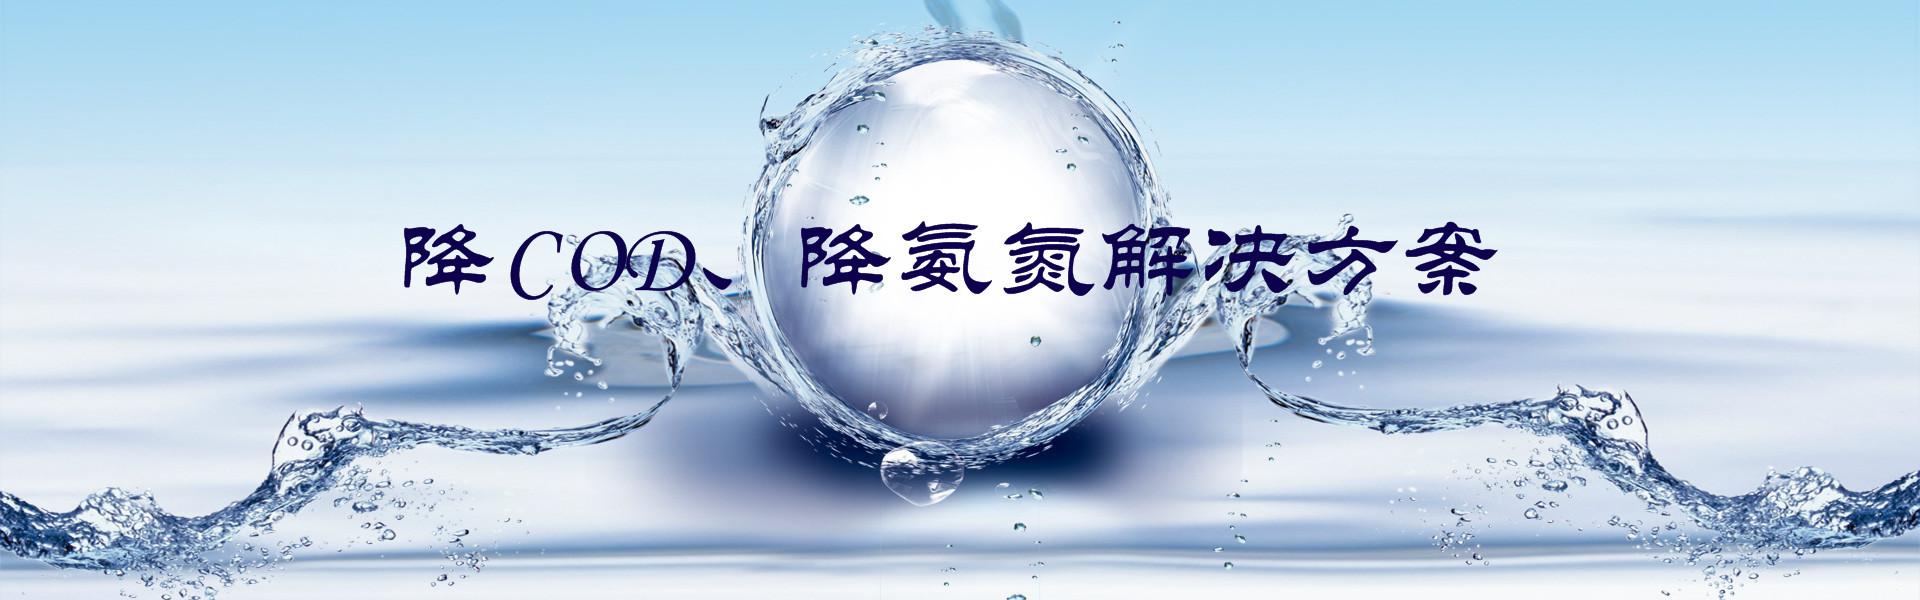 扬州氯化钙价格合理,氯化钙